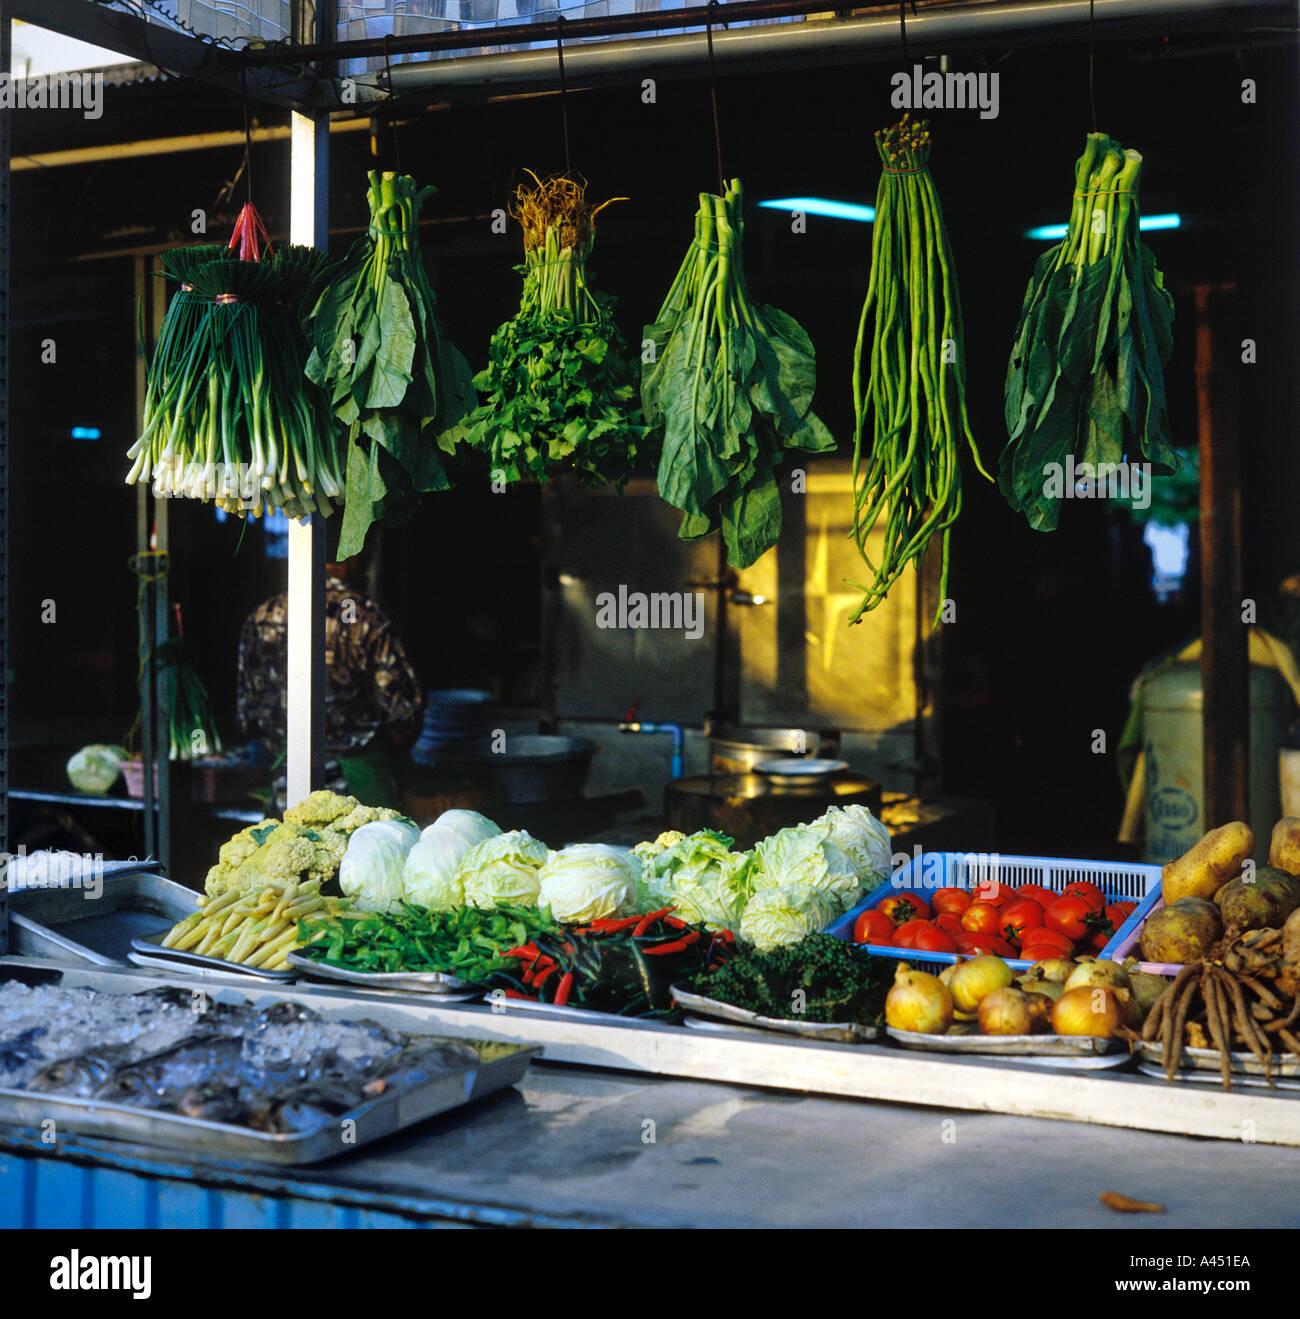 Thai verdura verde sospesa sopra il contatore visualizzazione livello di verdure fresche più pesce in ghiaccio sul carrello all'aperto in Hua Hin Tailandia Foto Stock